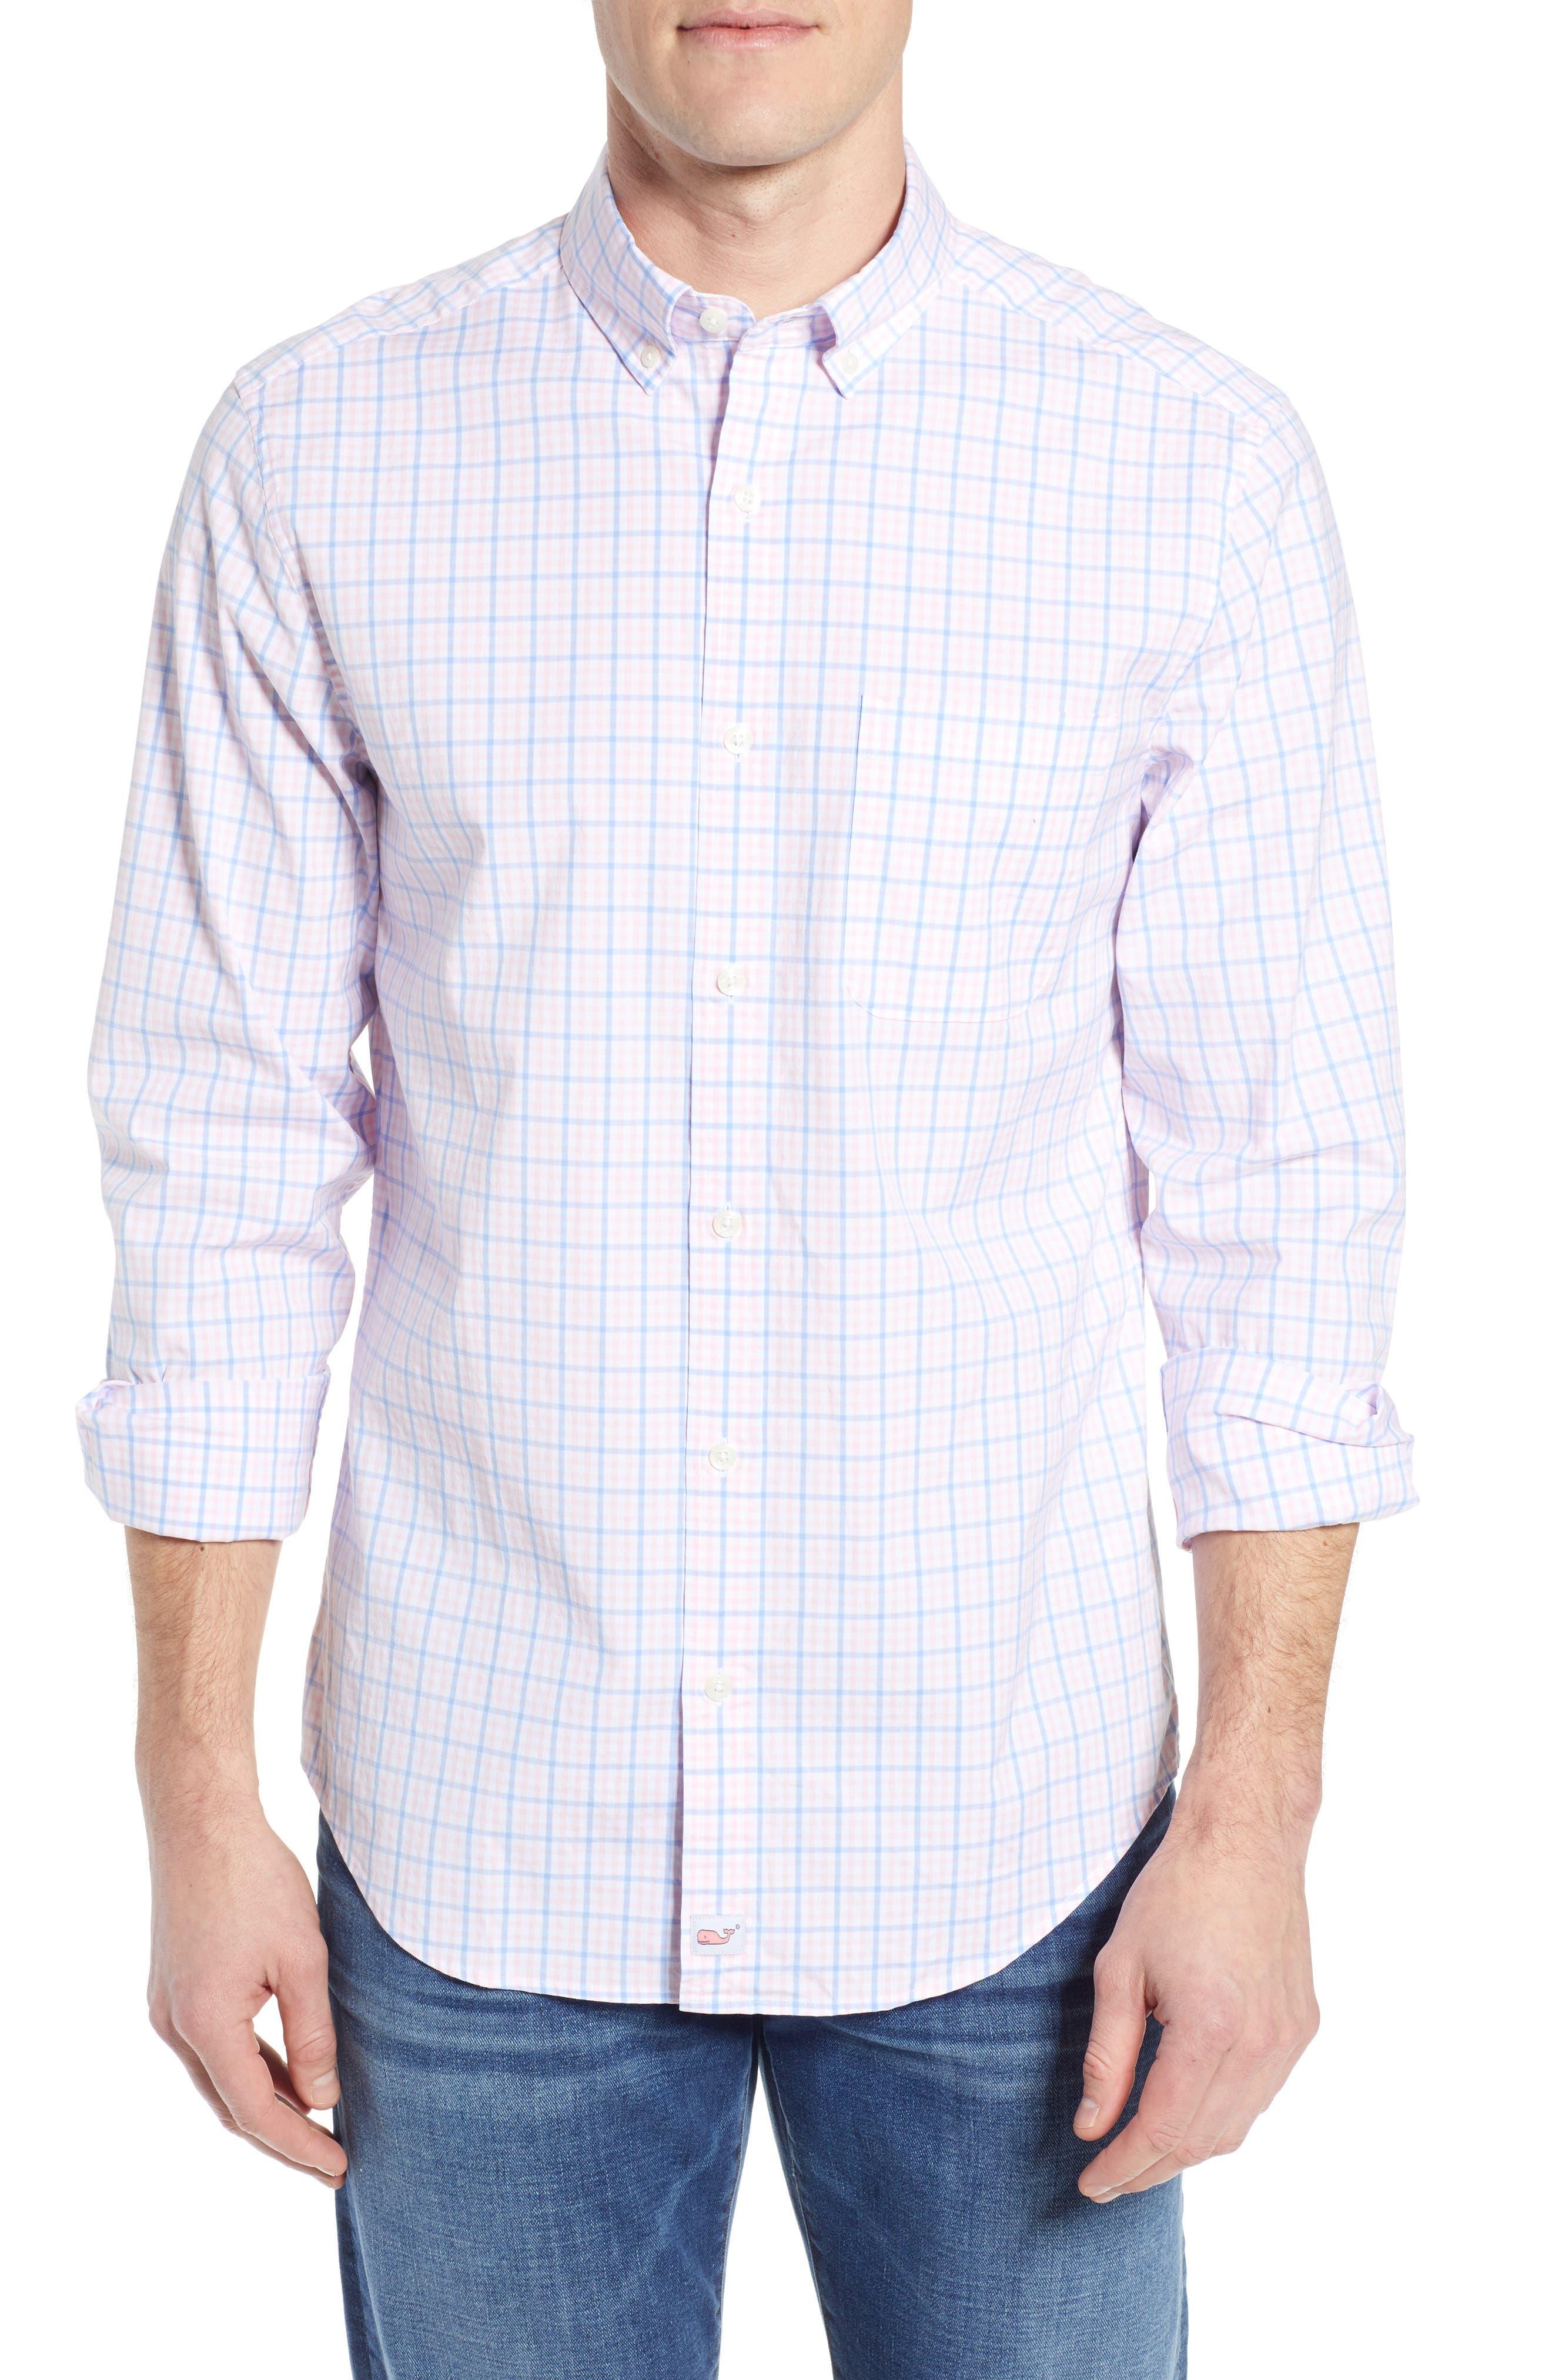 Murray Classic Fit Check Sport Shirt, Main, color, FLAMINGO